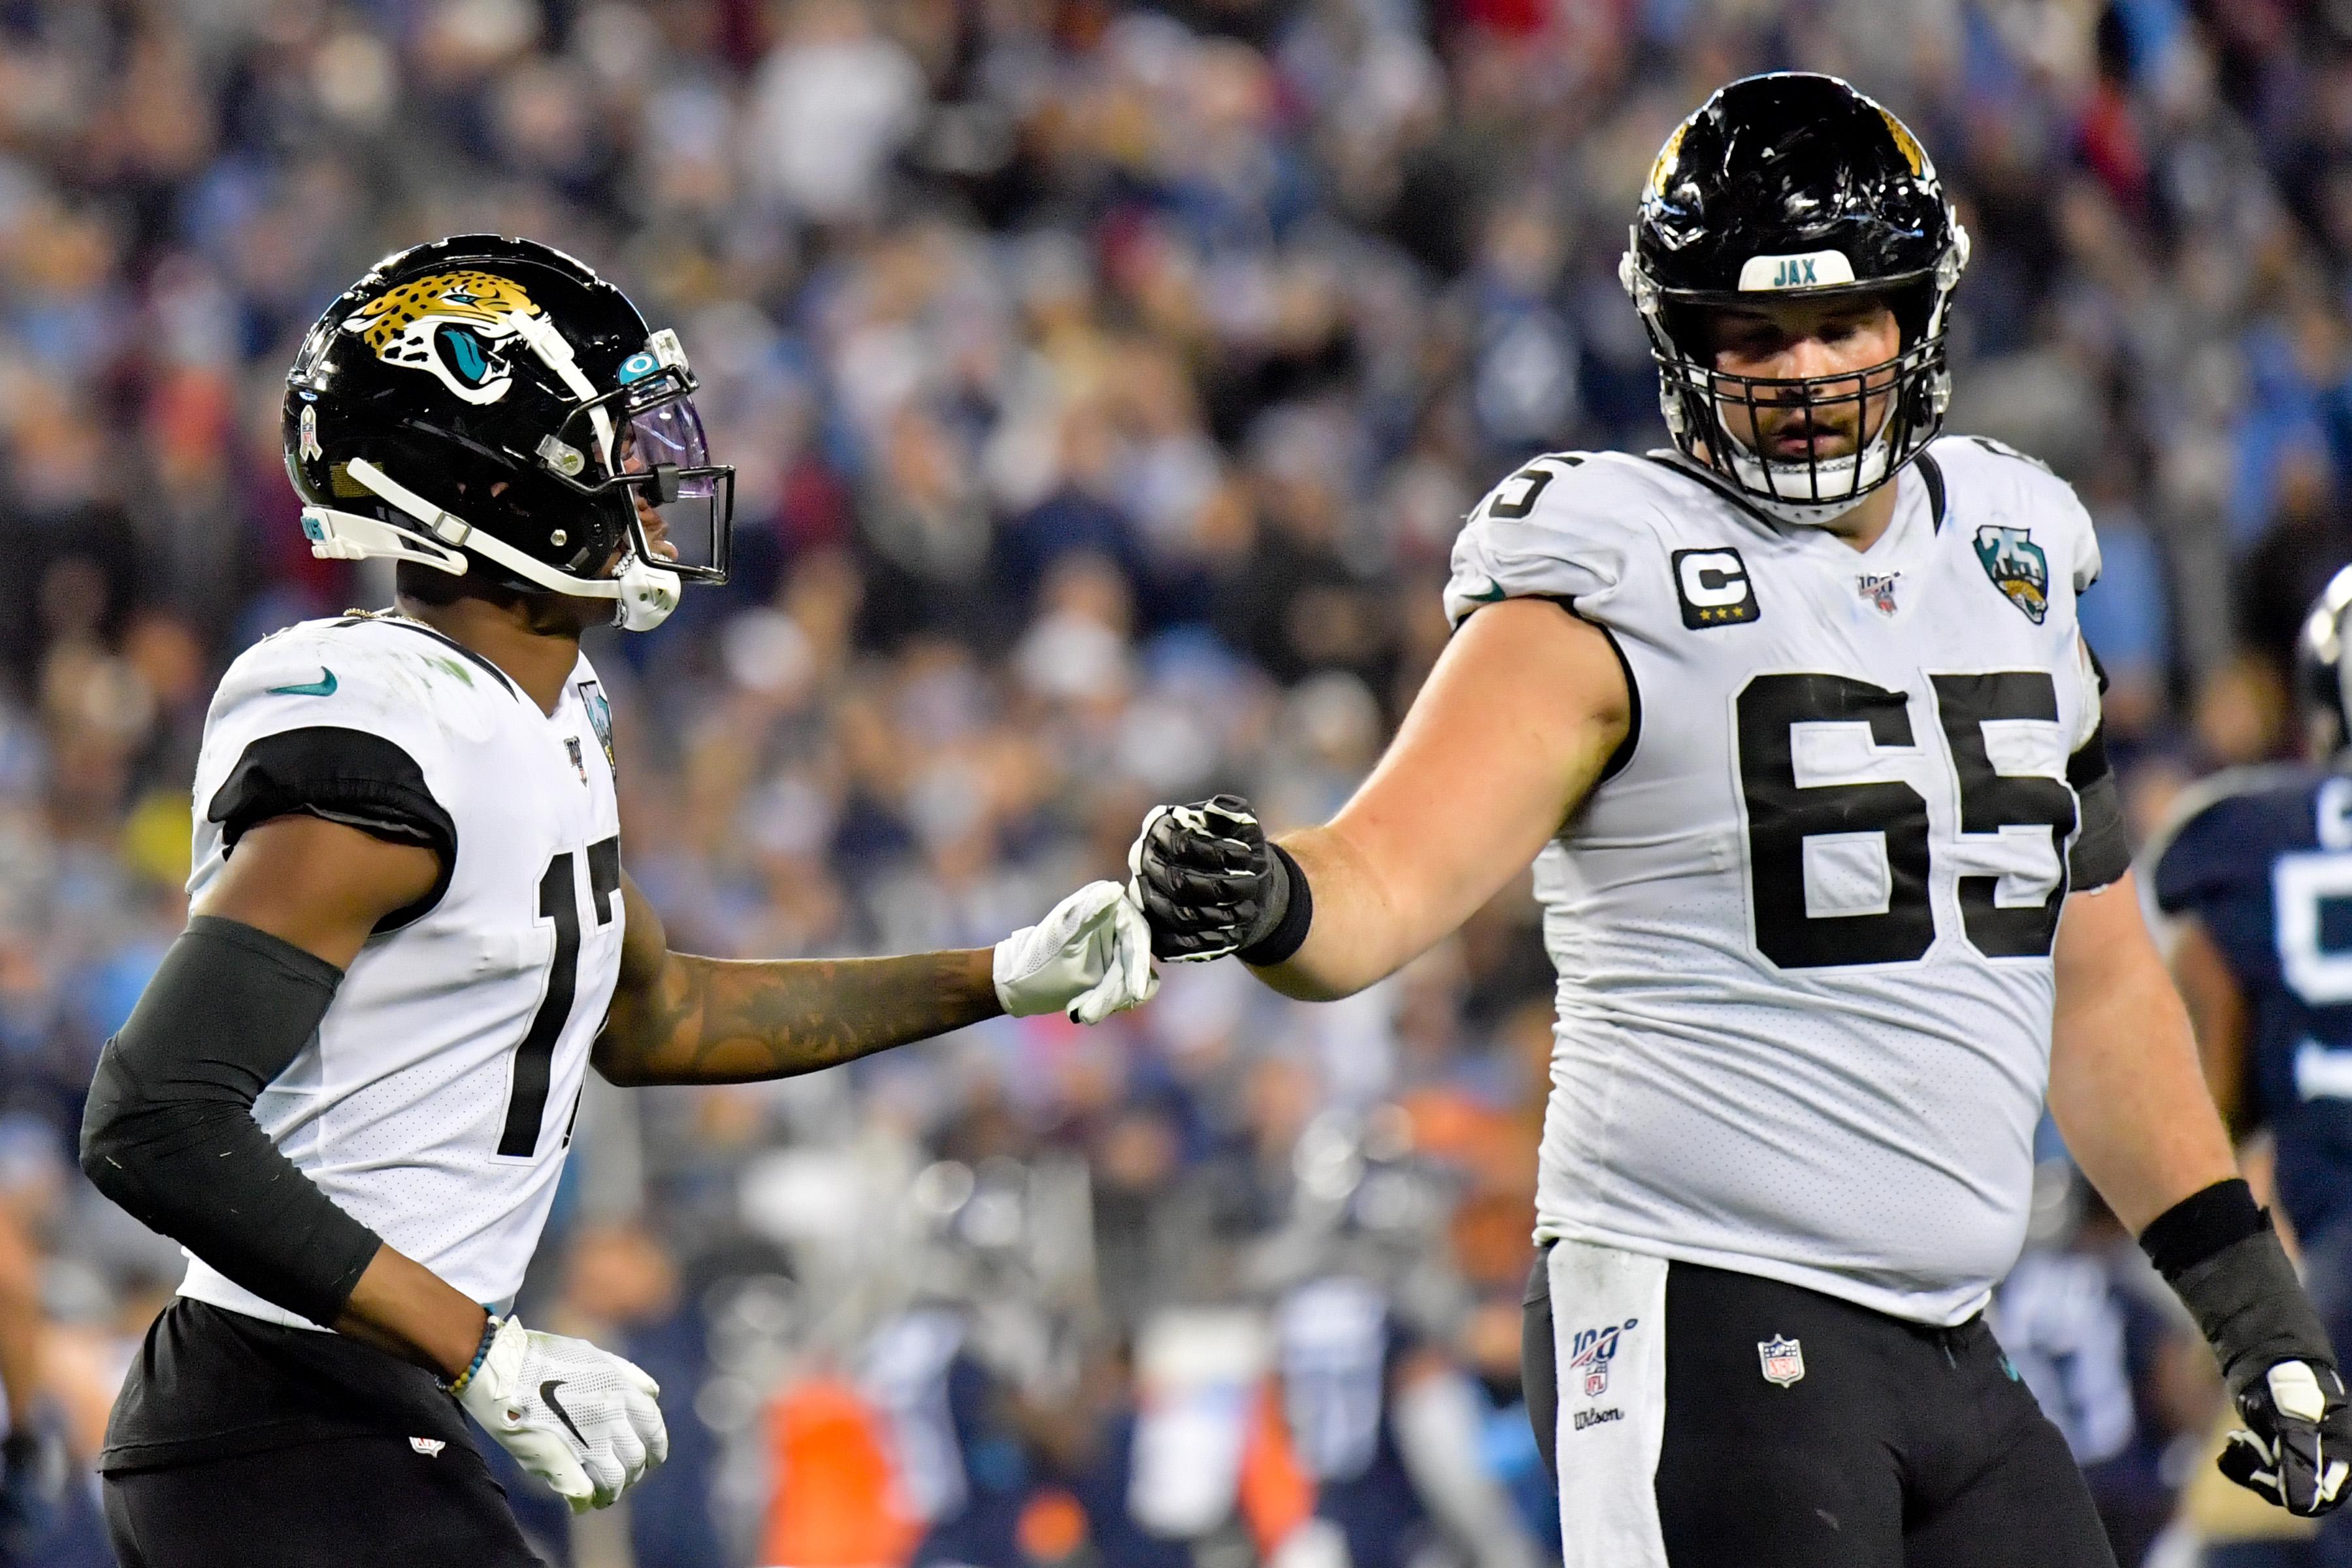 Jaguars vs. Buccaneers: Week 13 Game Day Live Thread